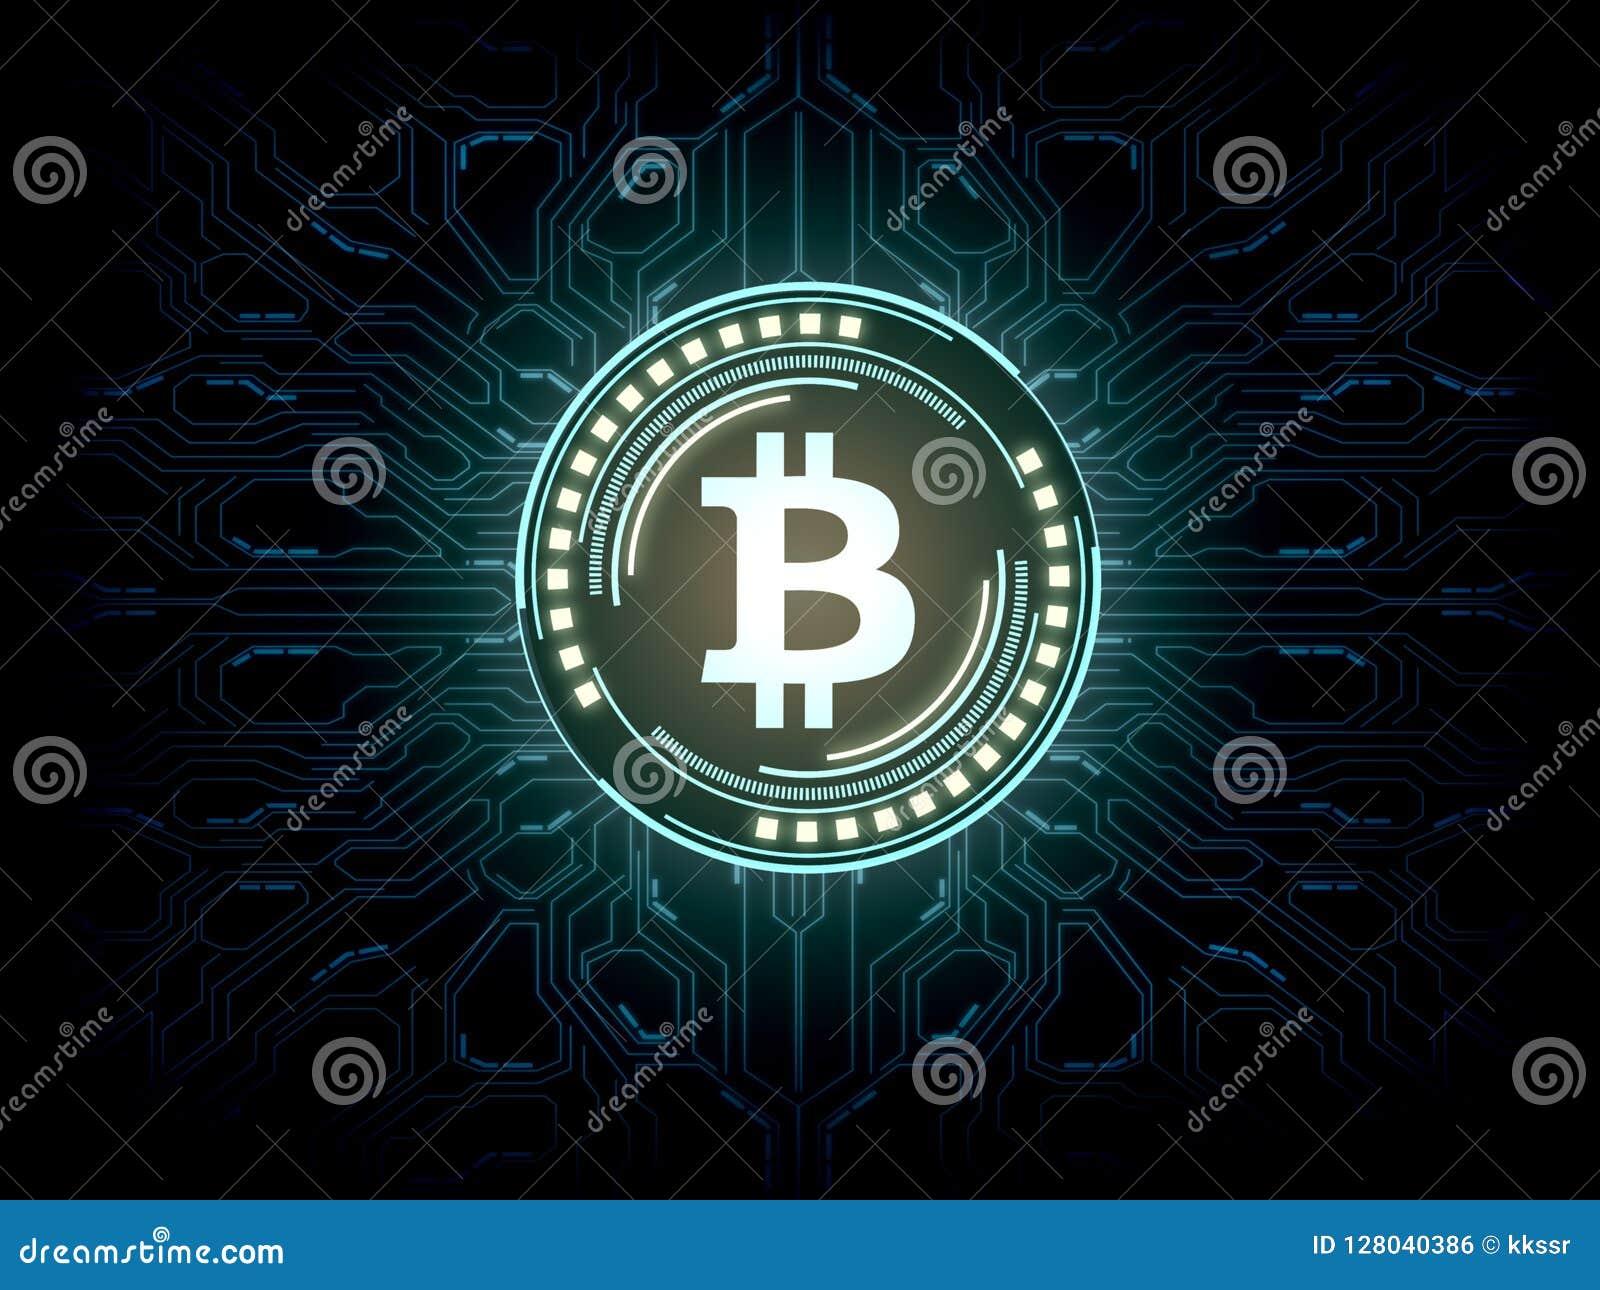 Fișier:Bitcoin logo.svg